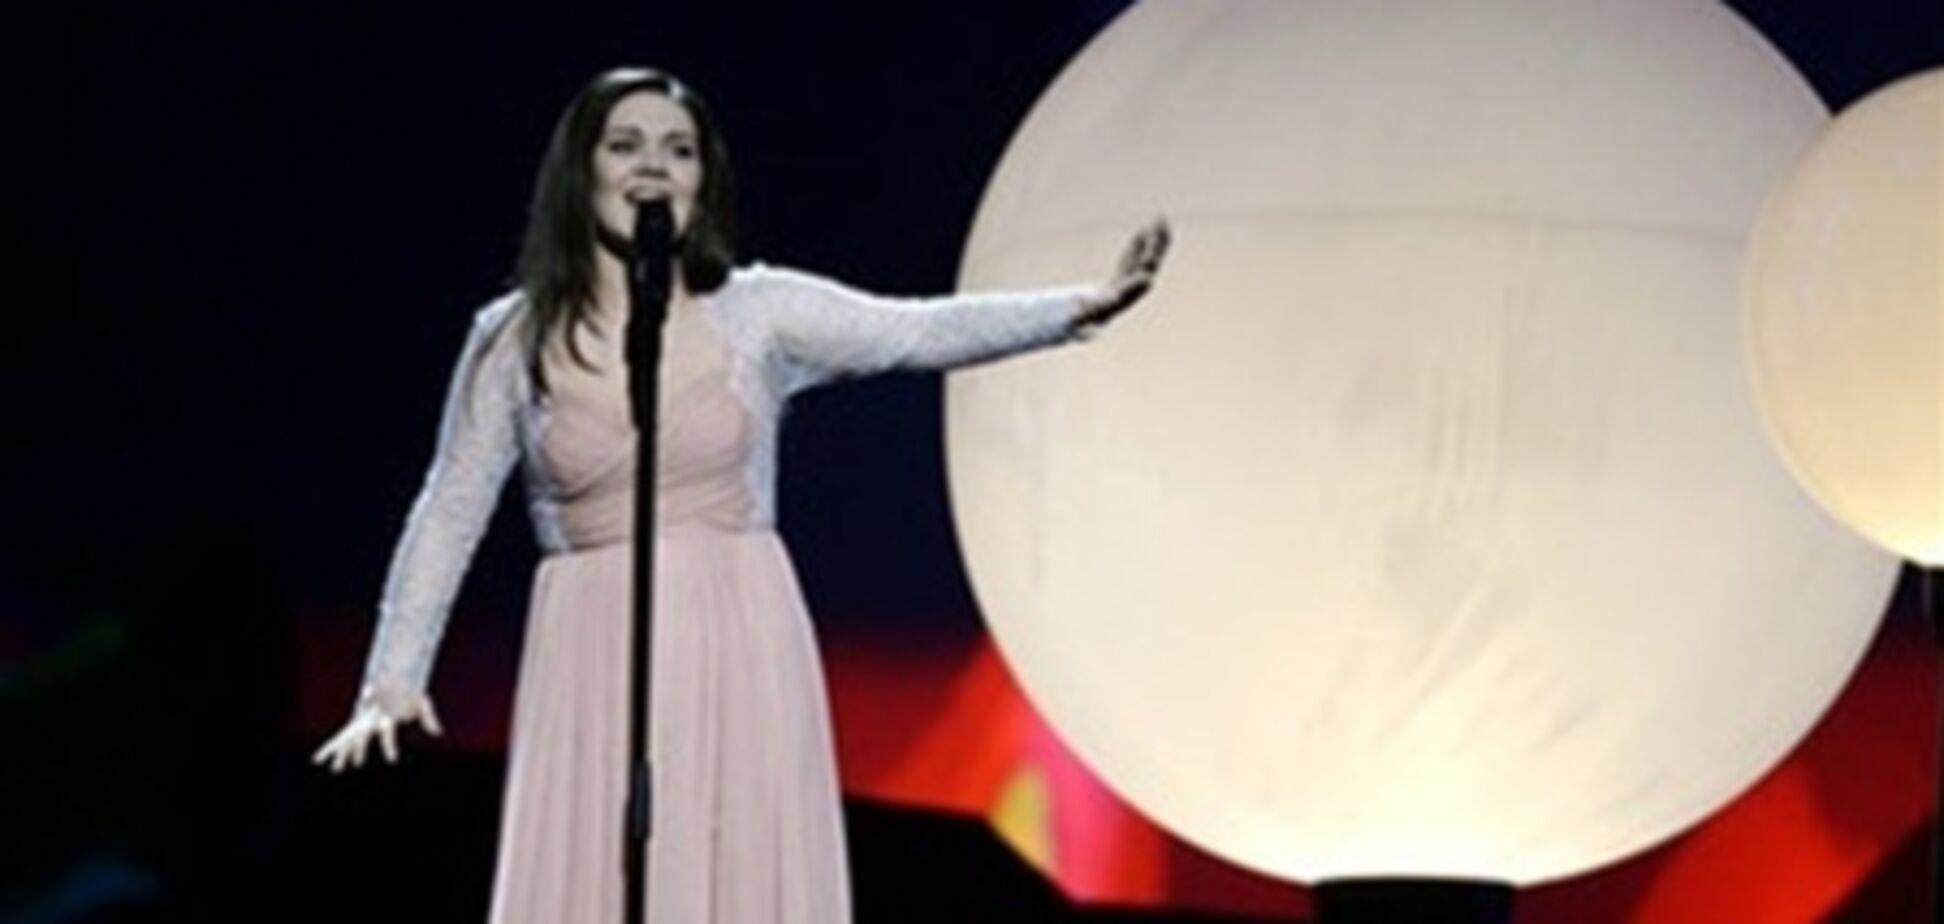 Представительница России довольна своим выступлением на 'Евровидении'